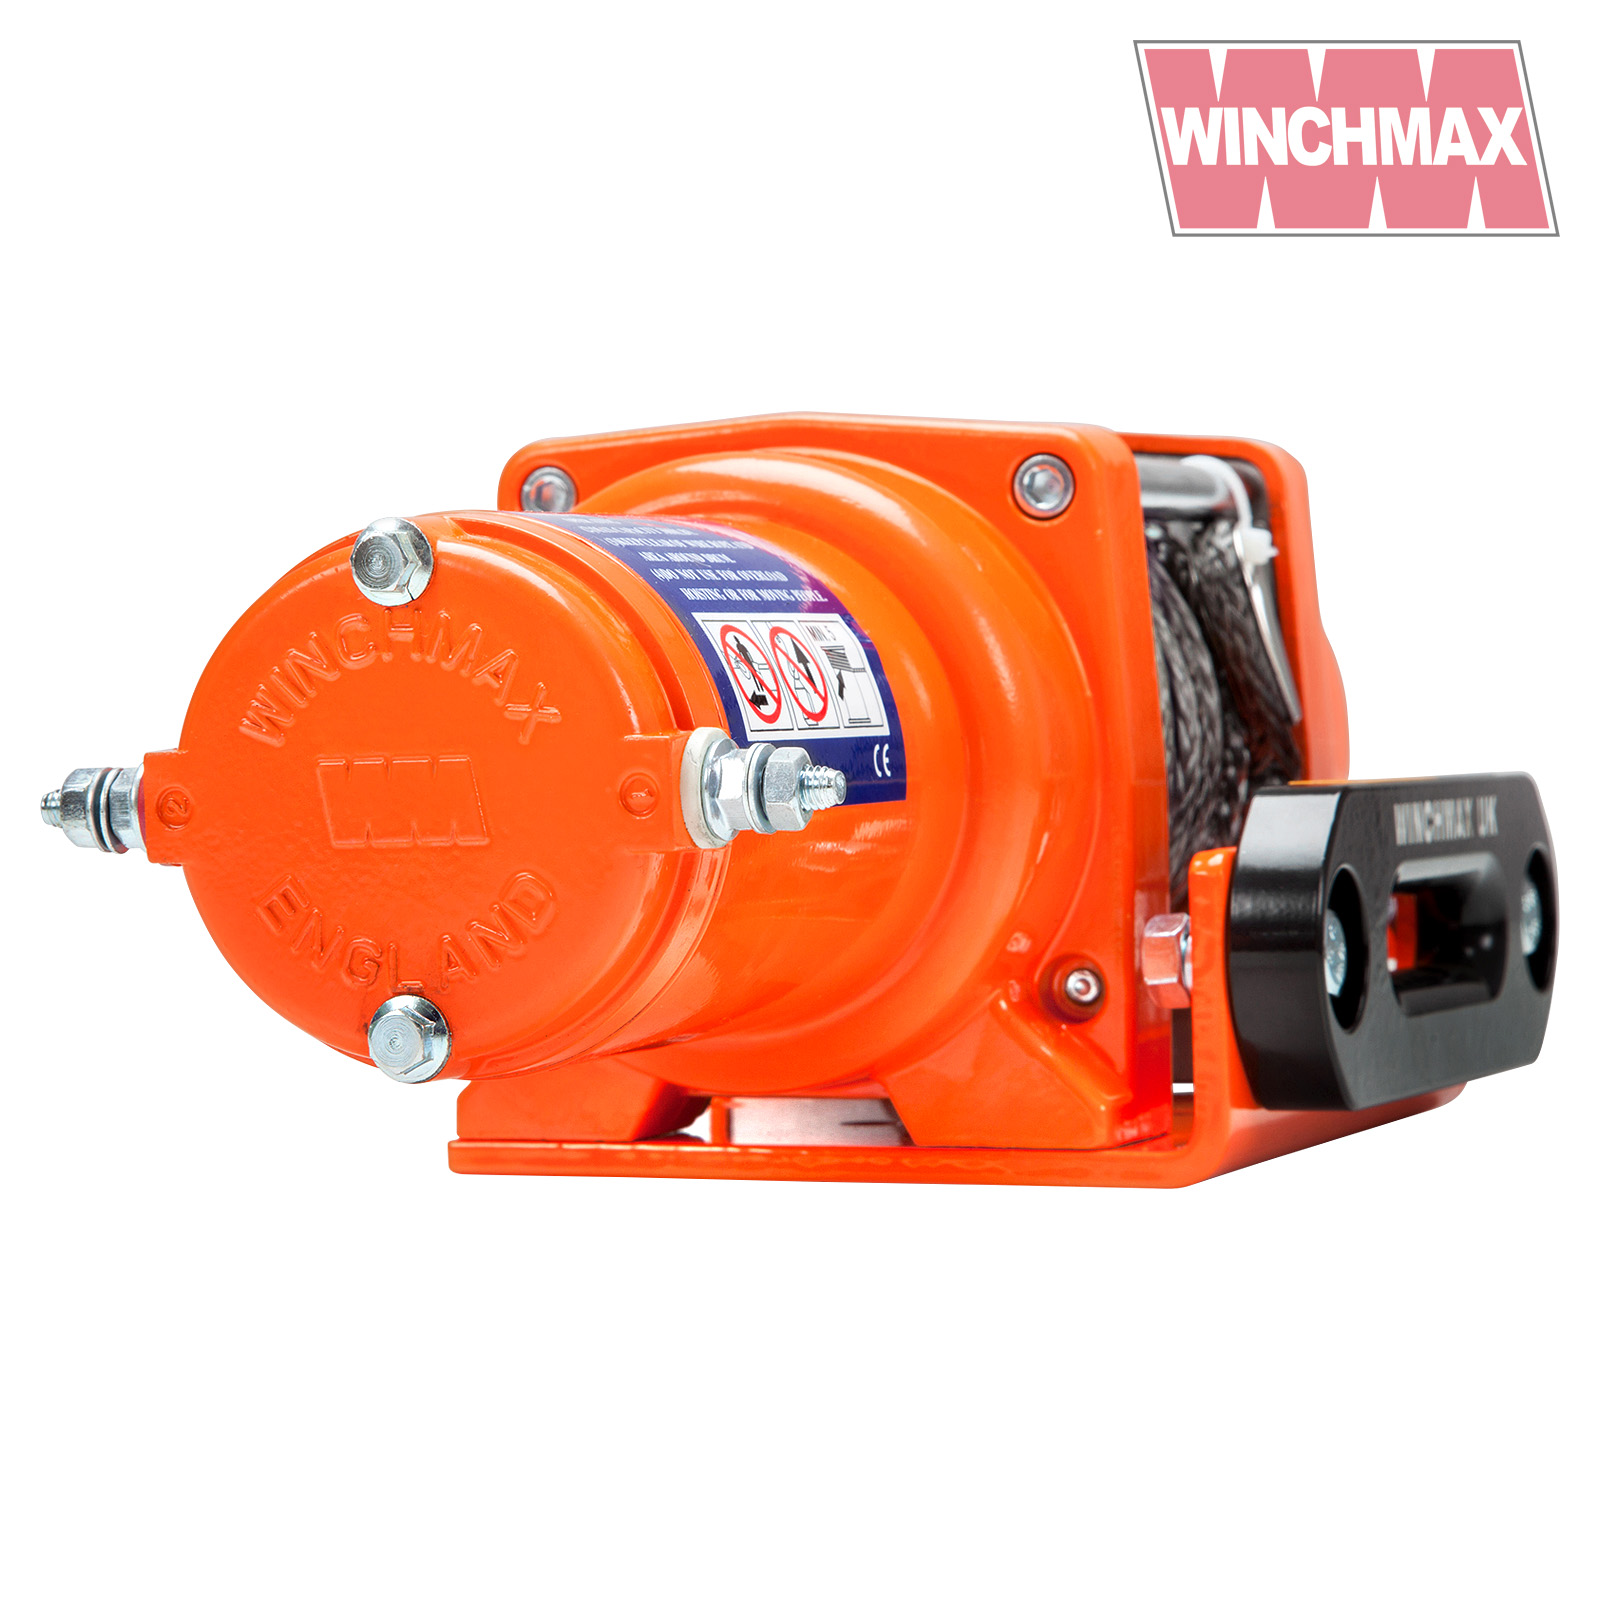 Wm300012vrs winchmax 372